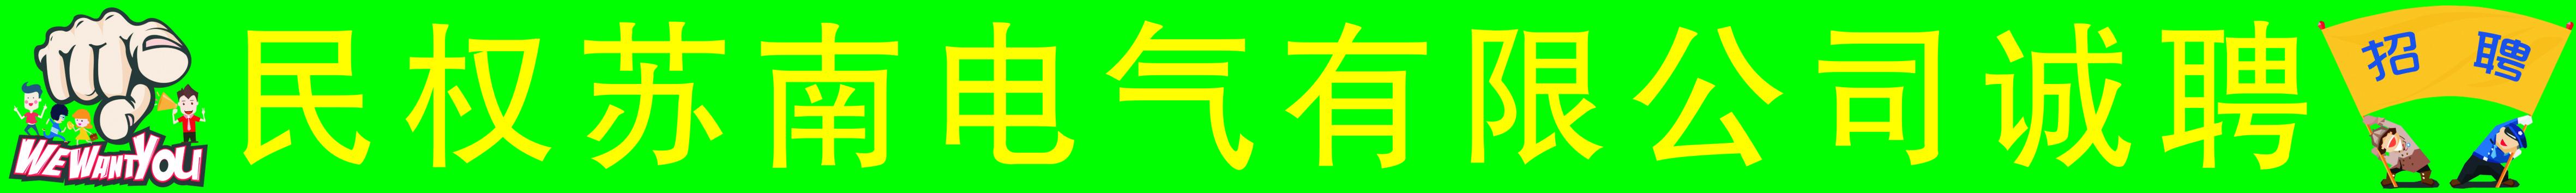 民权县苏南电气有限公司